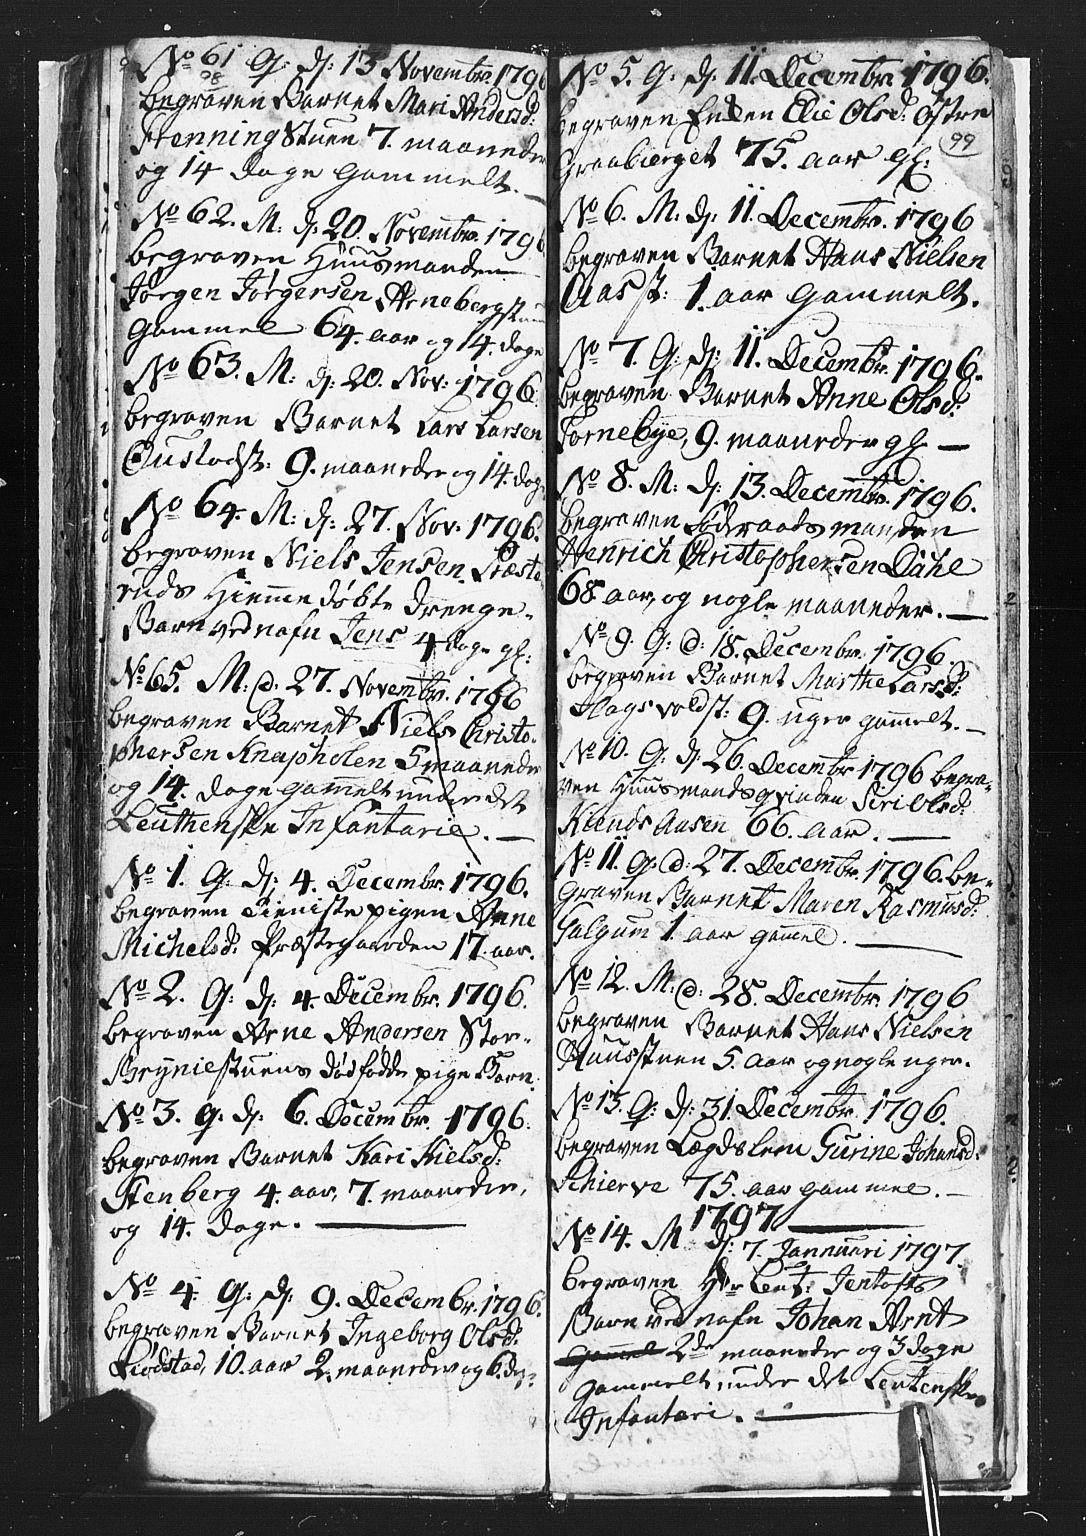 SAH, Romedal prestekontor, L/L0002: Klokkerbok nr. 2, 1795-1800, s. 98-99